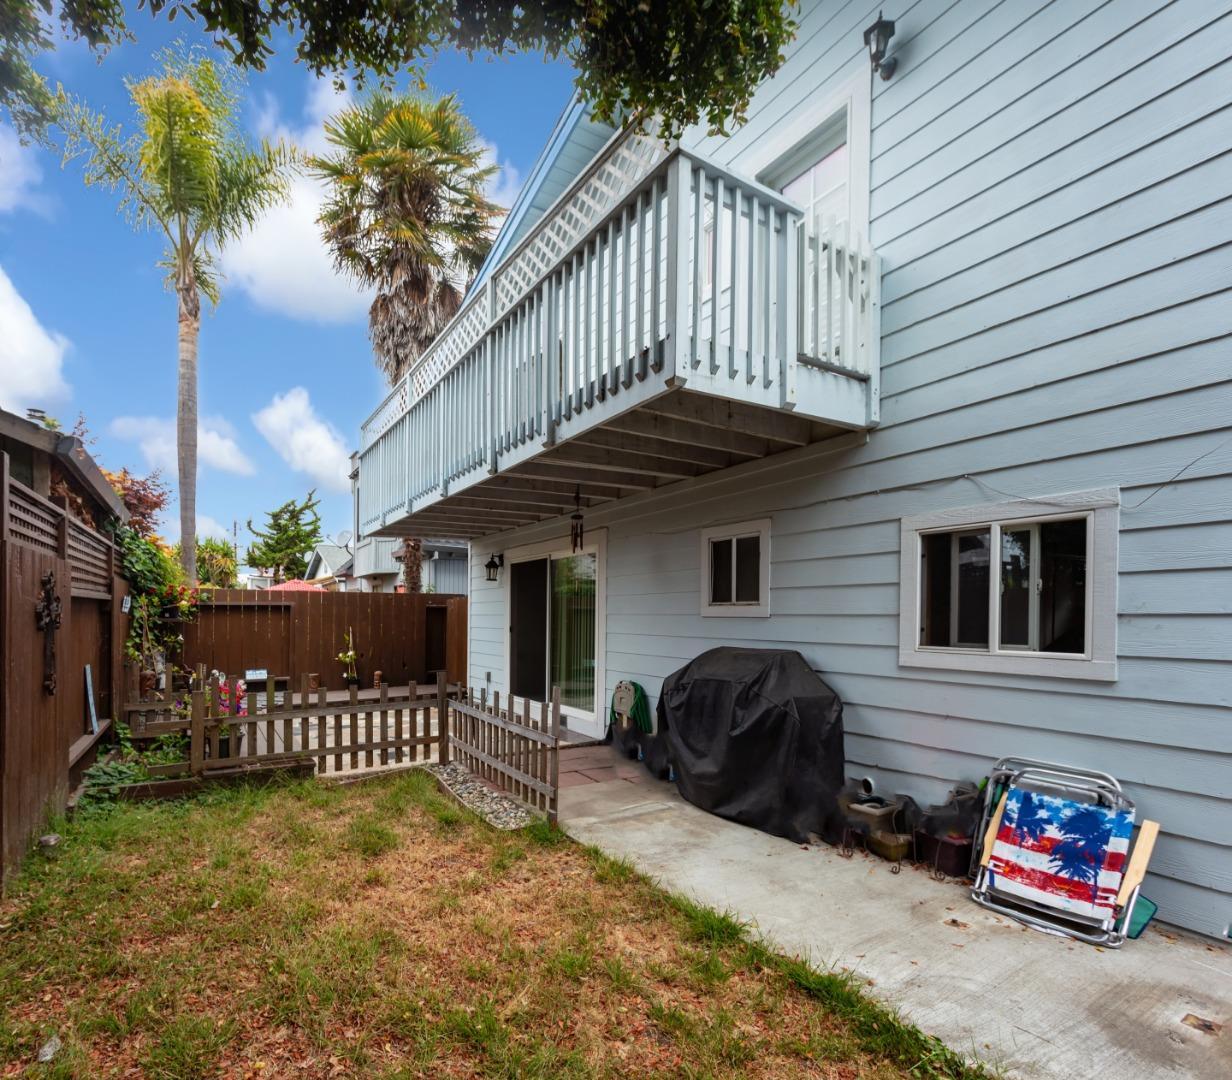 227 Center Avenue Aptos, CA 95003 - MLS #: ML81717065